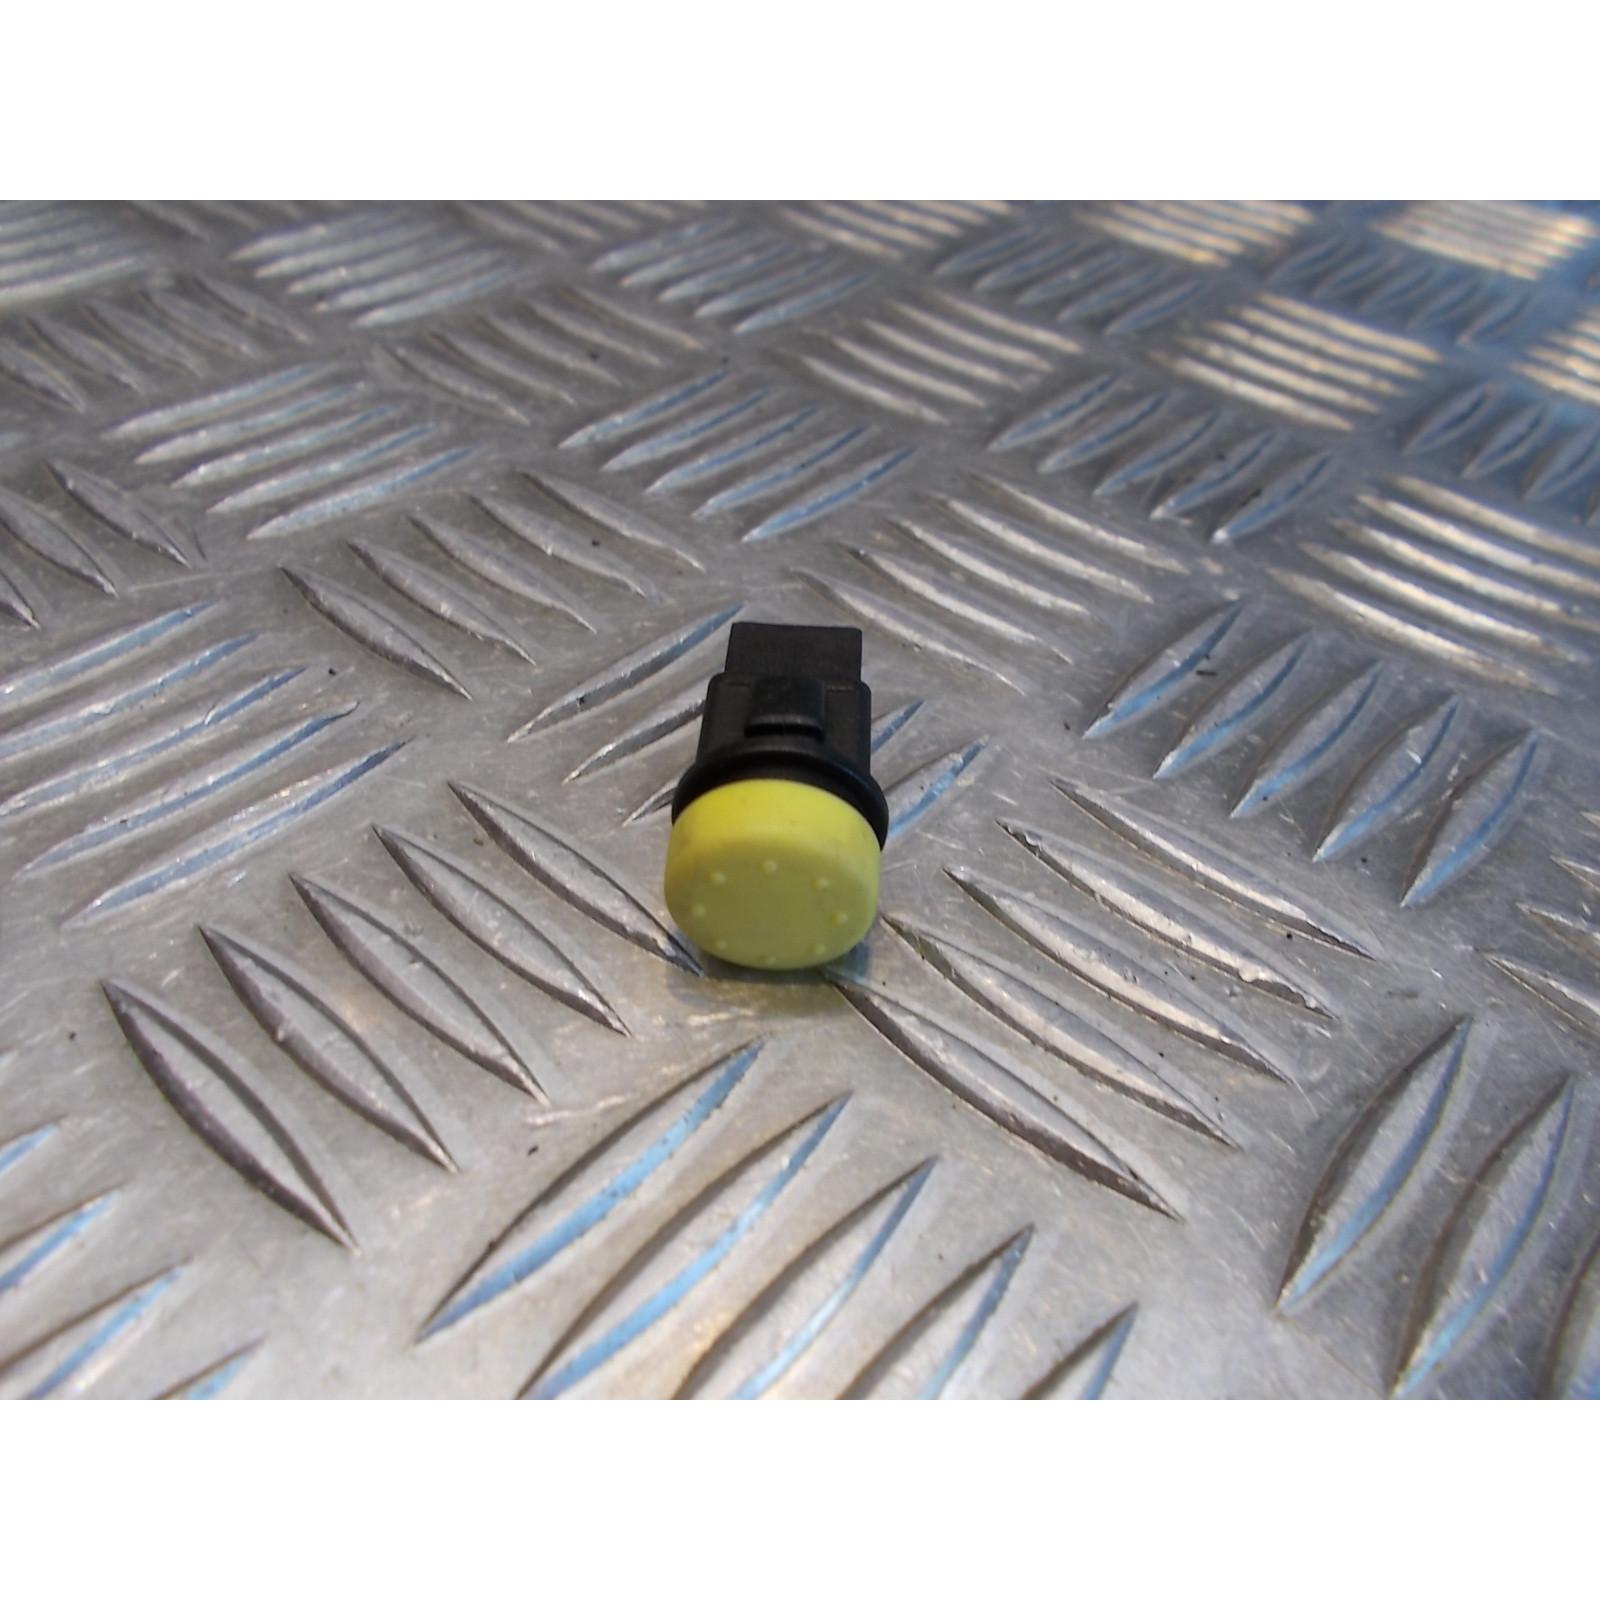 commutateur bouton jaune demarreur klaxon selle scooter piaggio 500 x9 evolution 125 200 250